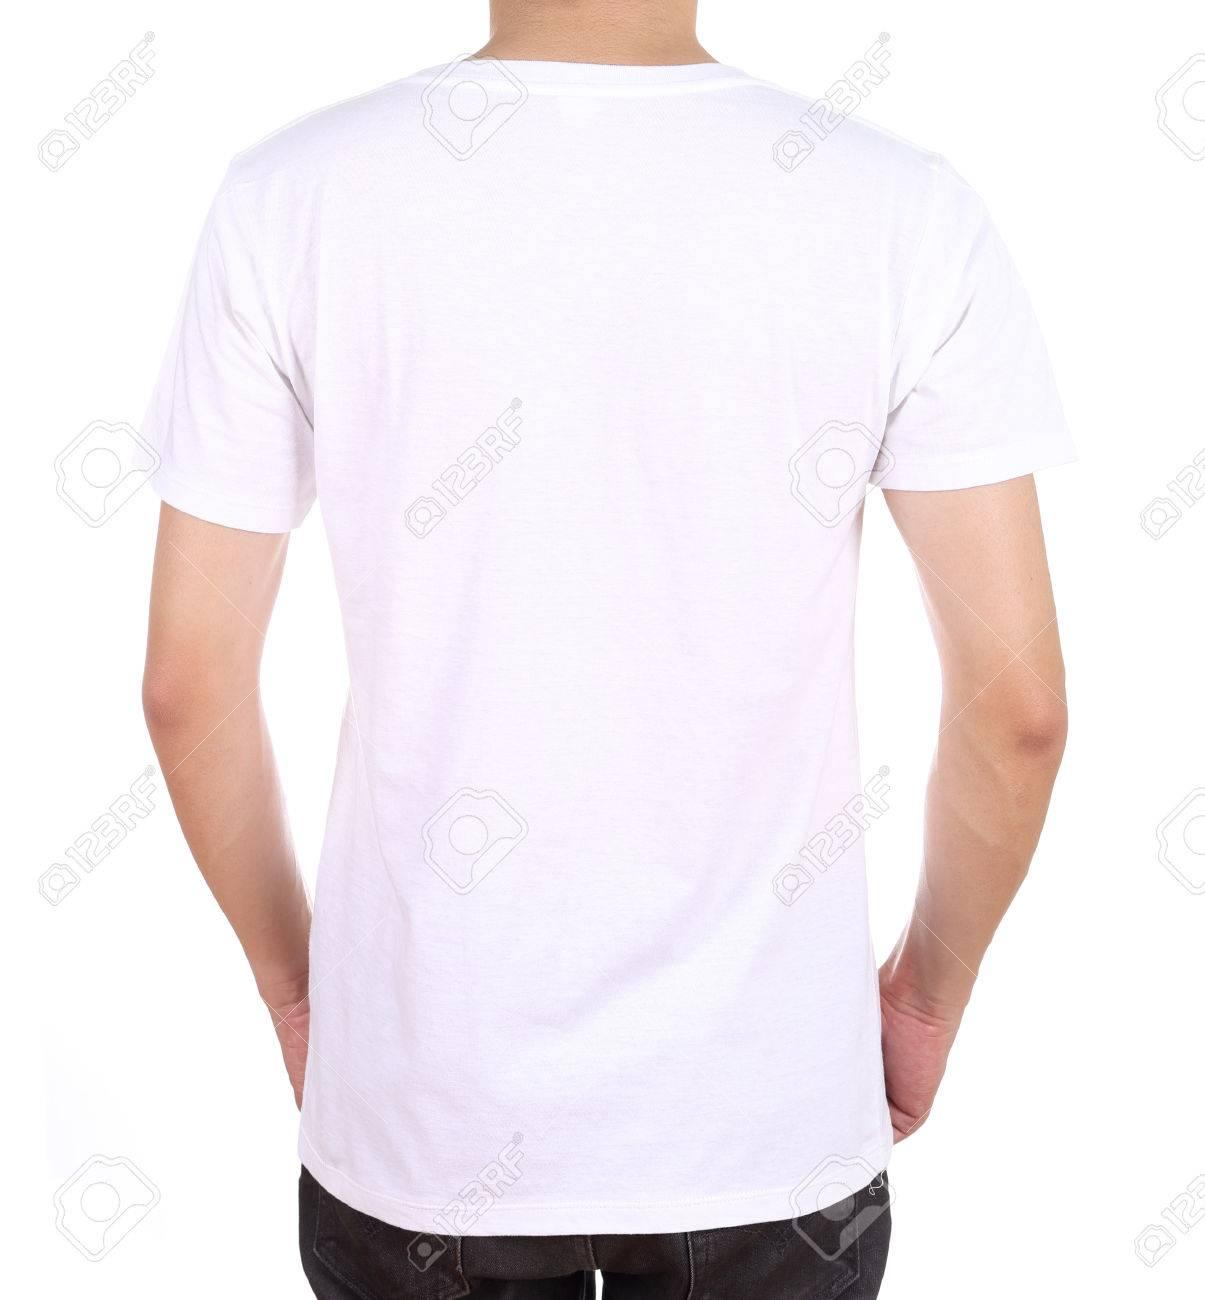 brillante n color originales nuevo baratas Blanco camiseta blanca en el hombre (parte de atrás) aislado en fondo blanco